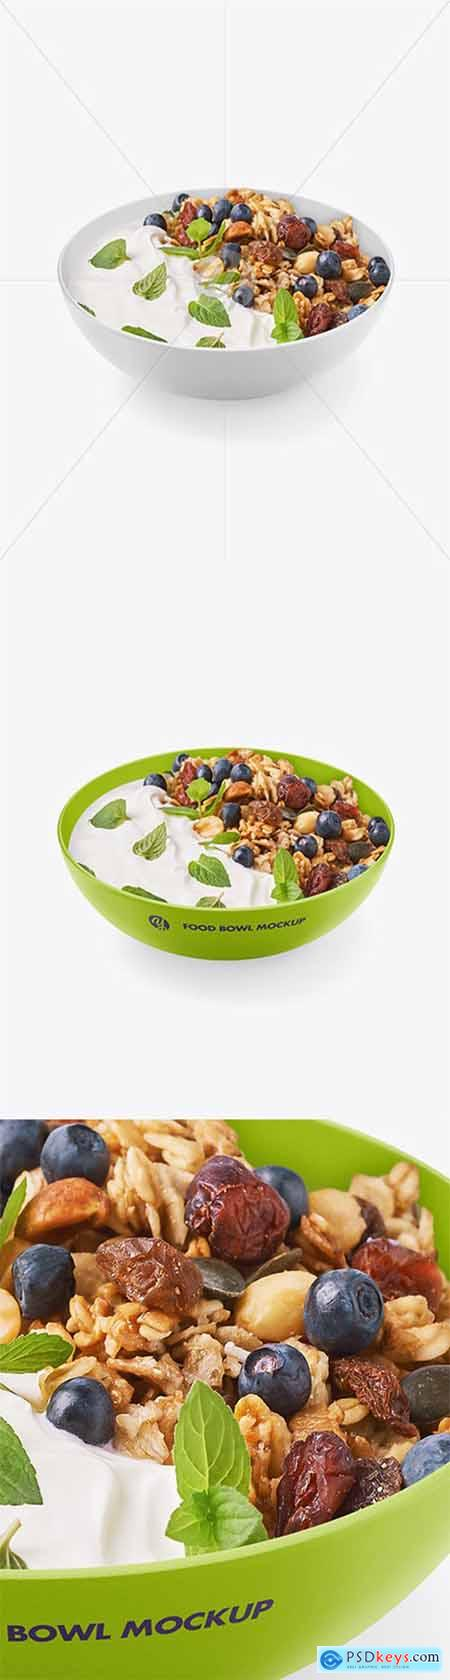 Bowl w- Yogurt and Muesli Mockup 64512